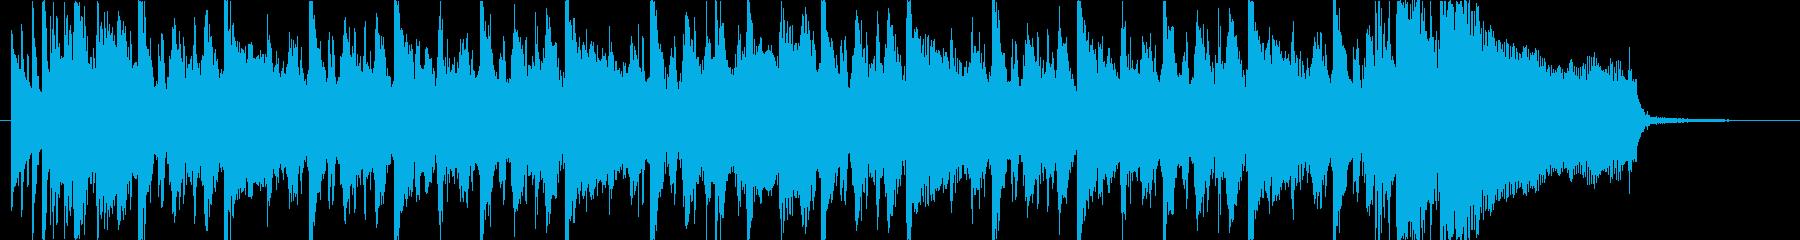 スラップとギターのファンキーなジングルの再生済みの波形